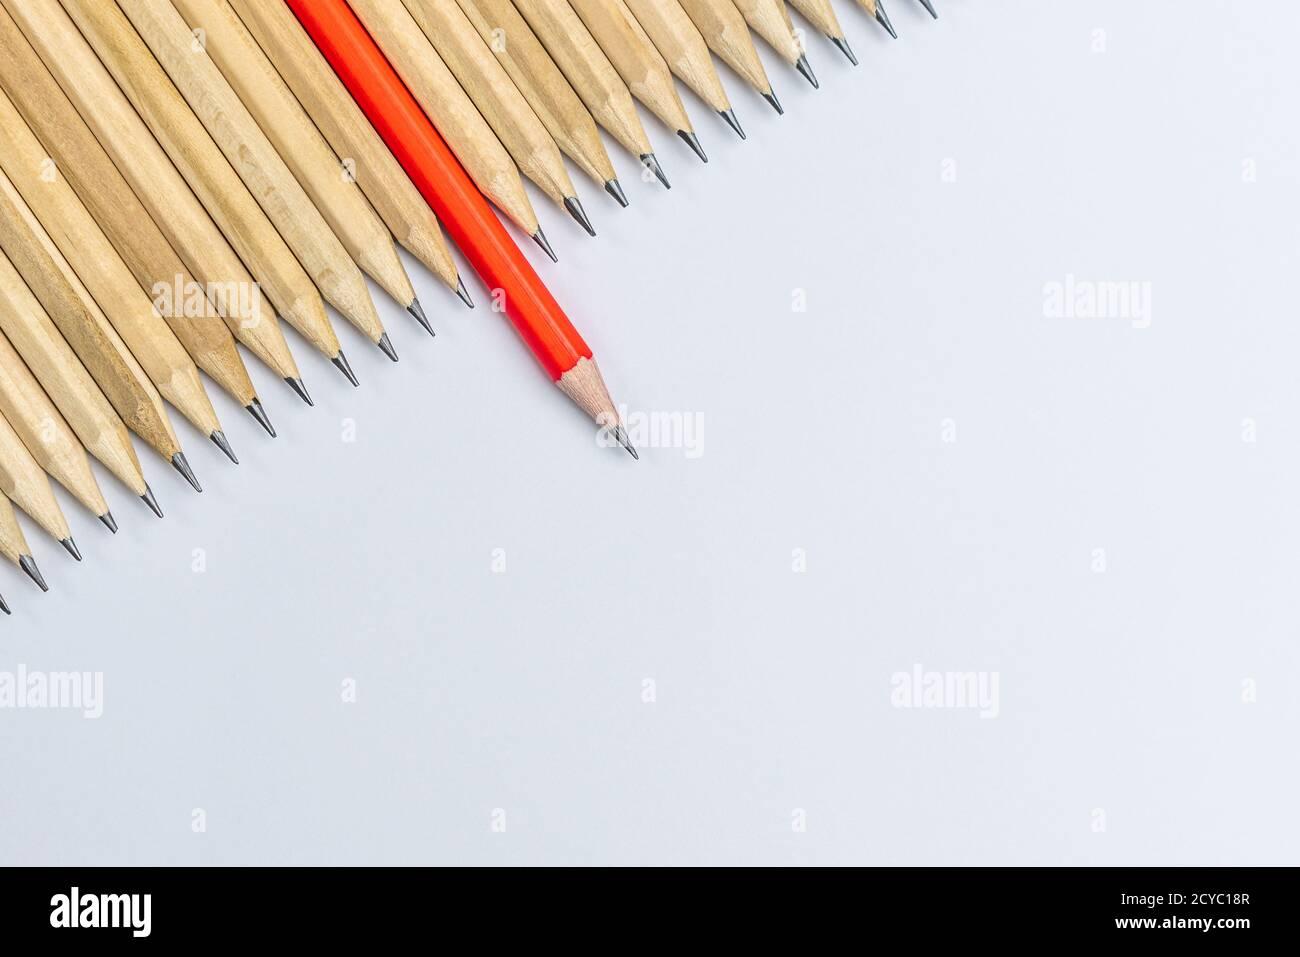 Proyección de lápiz diferente de los demás, mostrando el concepto de pensamiento empresarial único diferente de la multitud y especial con habilidades de liderazgo. Foto de stock